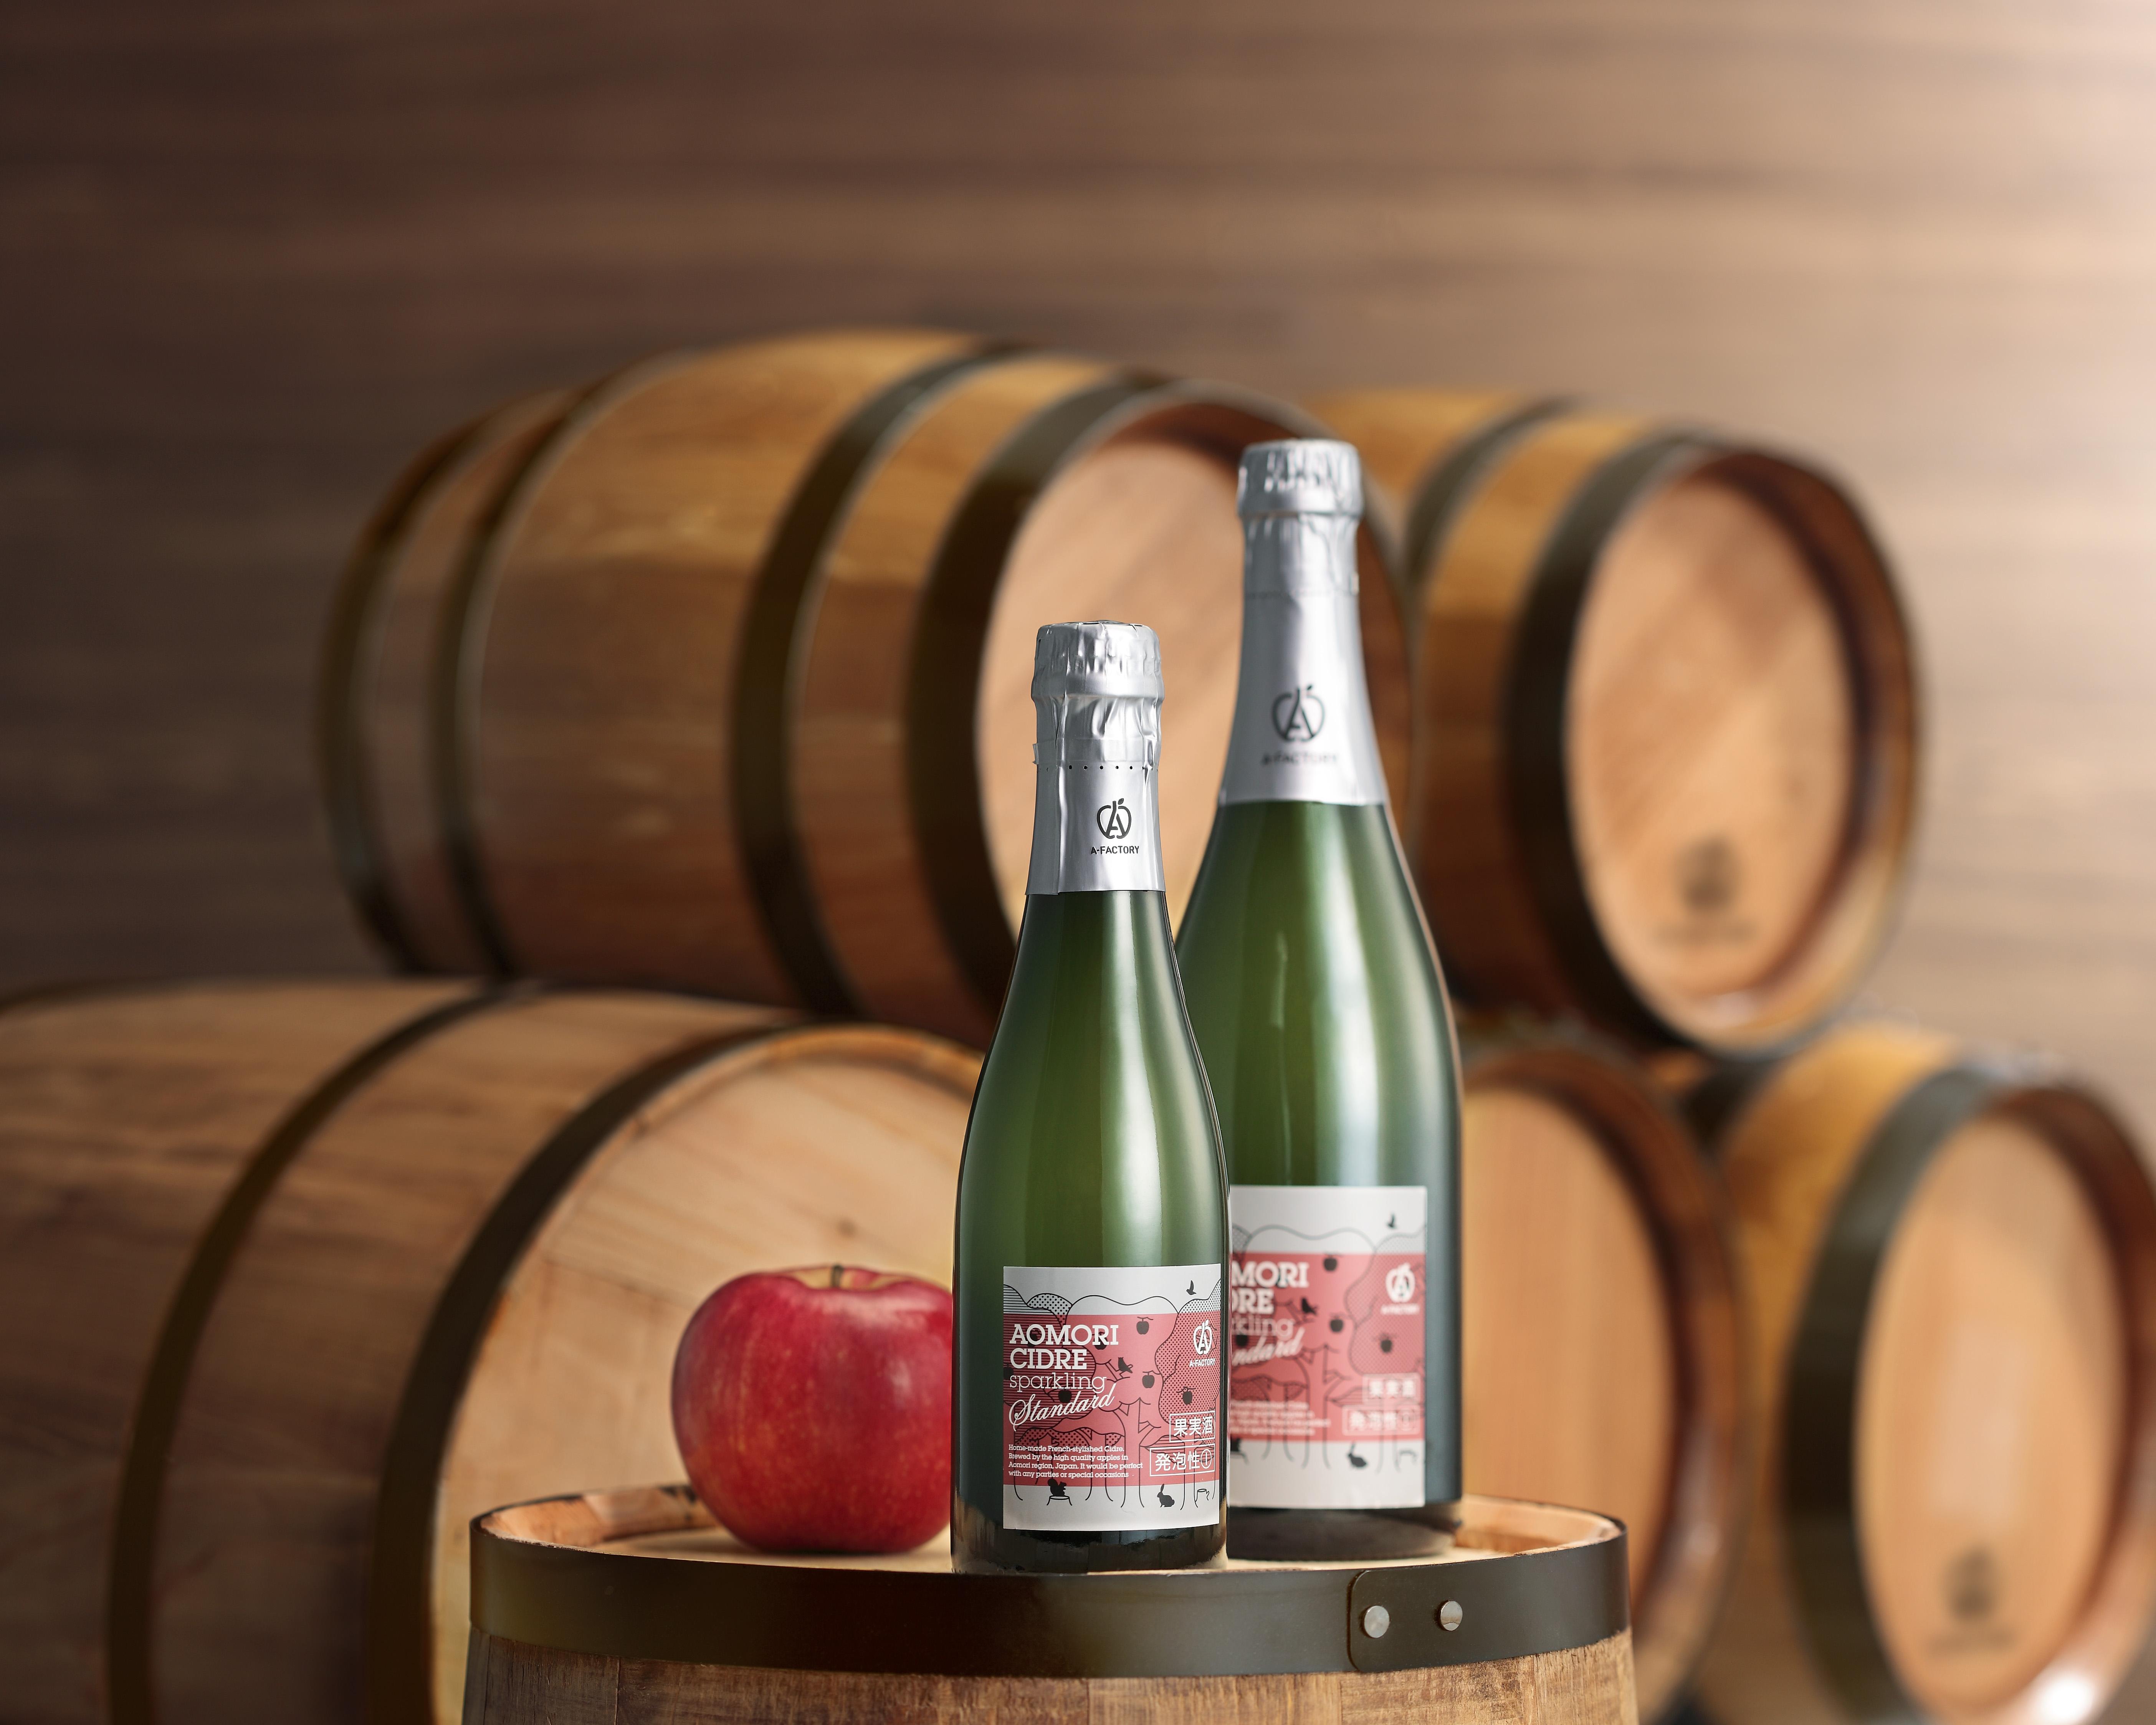 2011年12月号 あおもりのりんご酒「シードル」と「食」